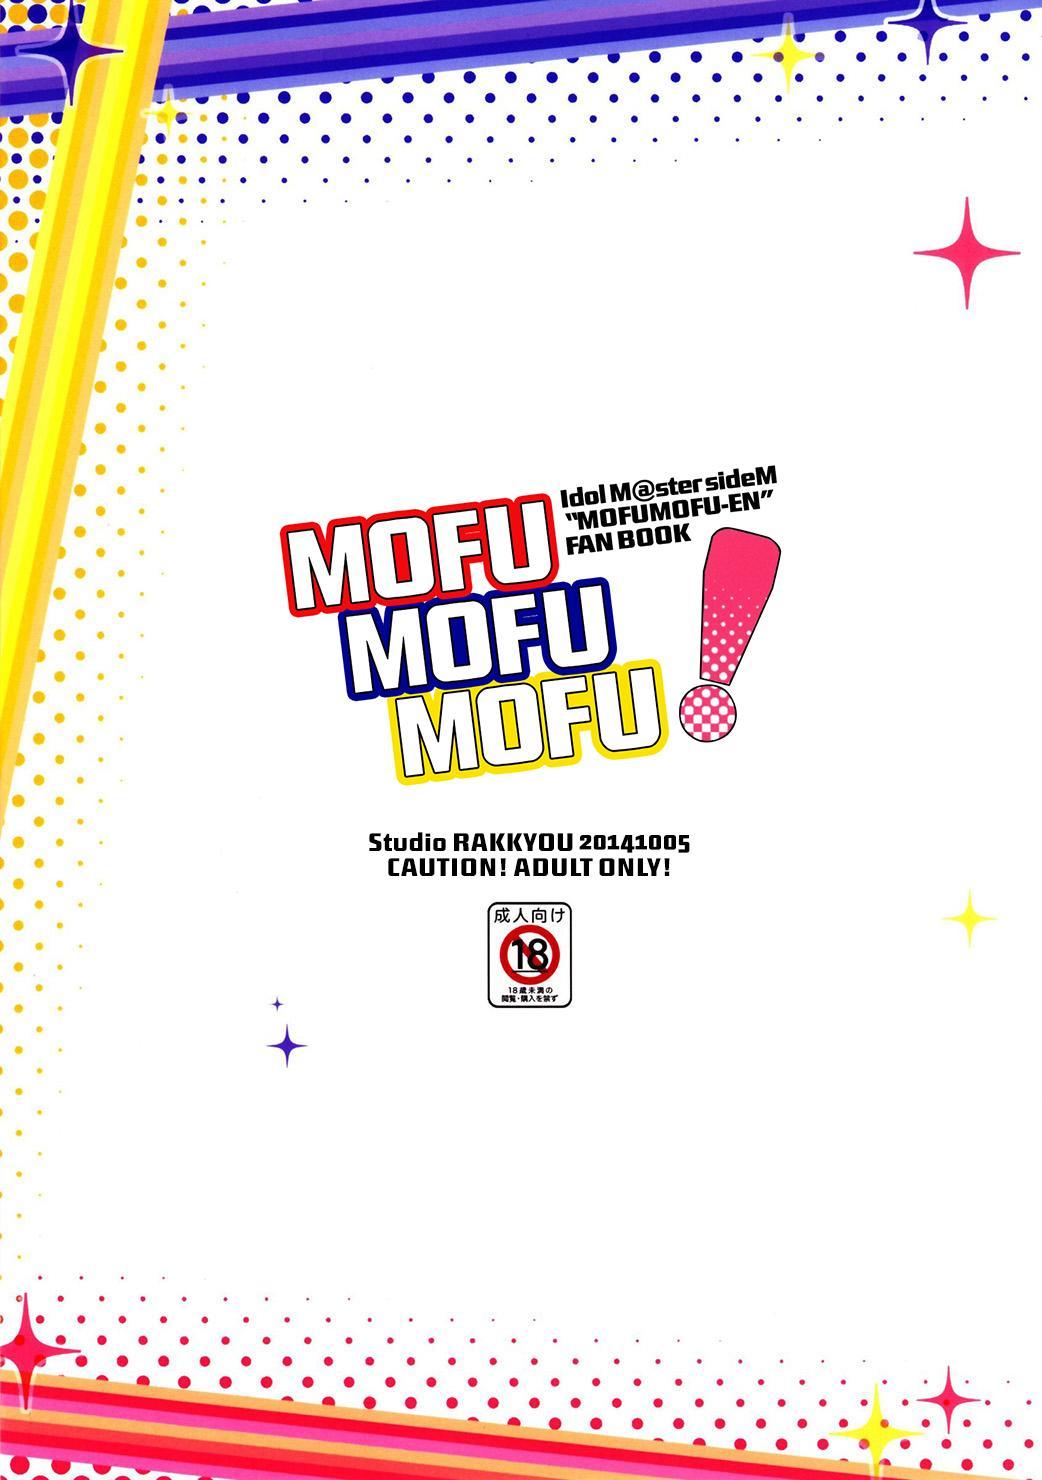 Mofu Mofu Mofu! 19